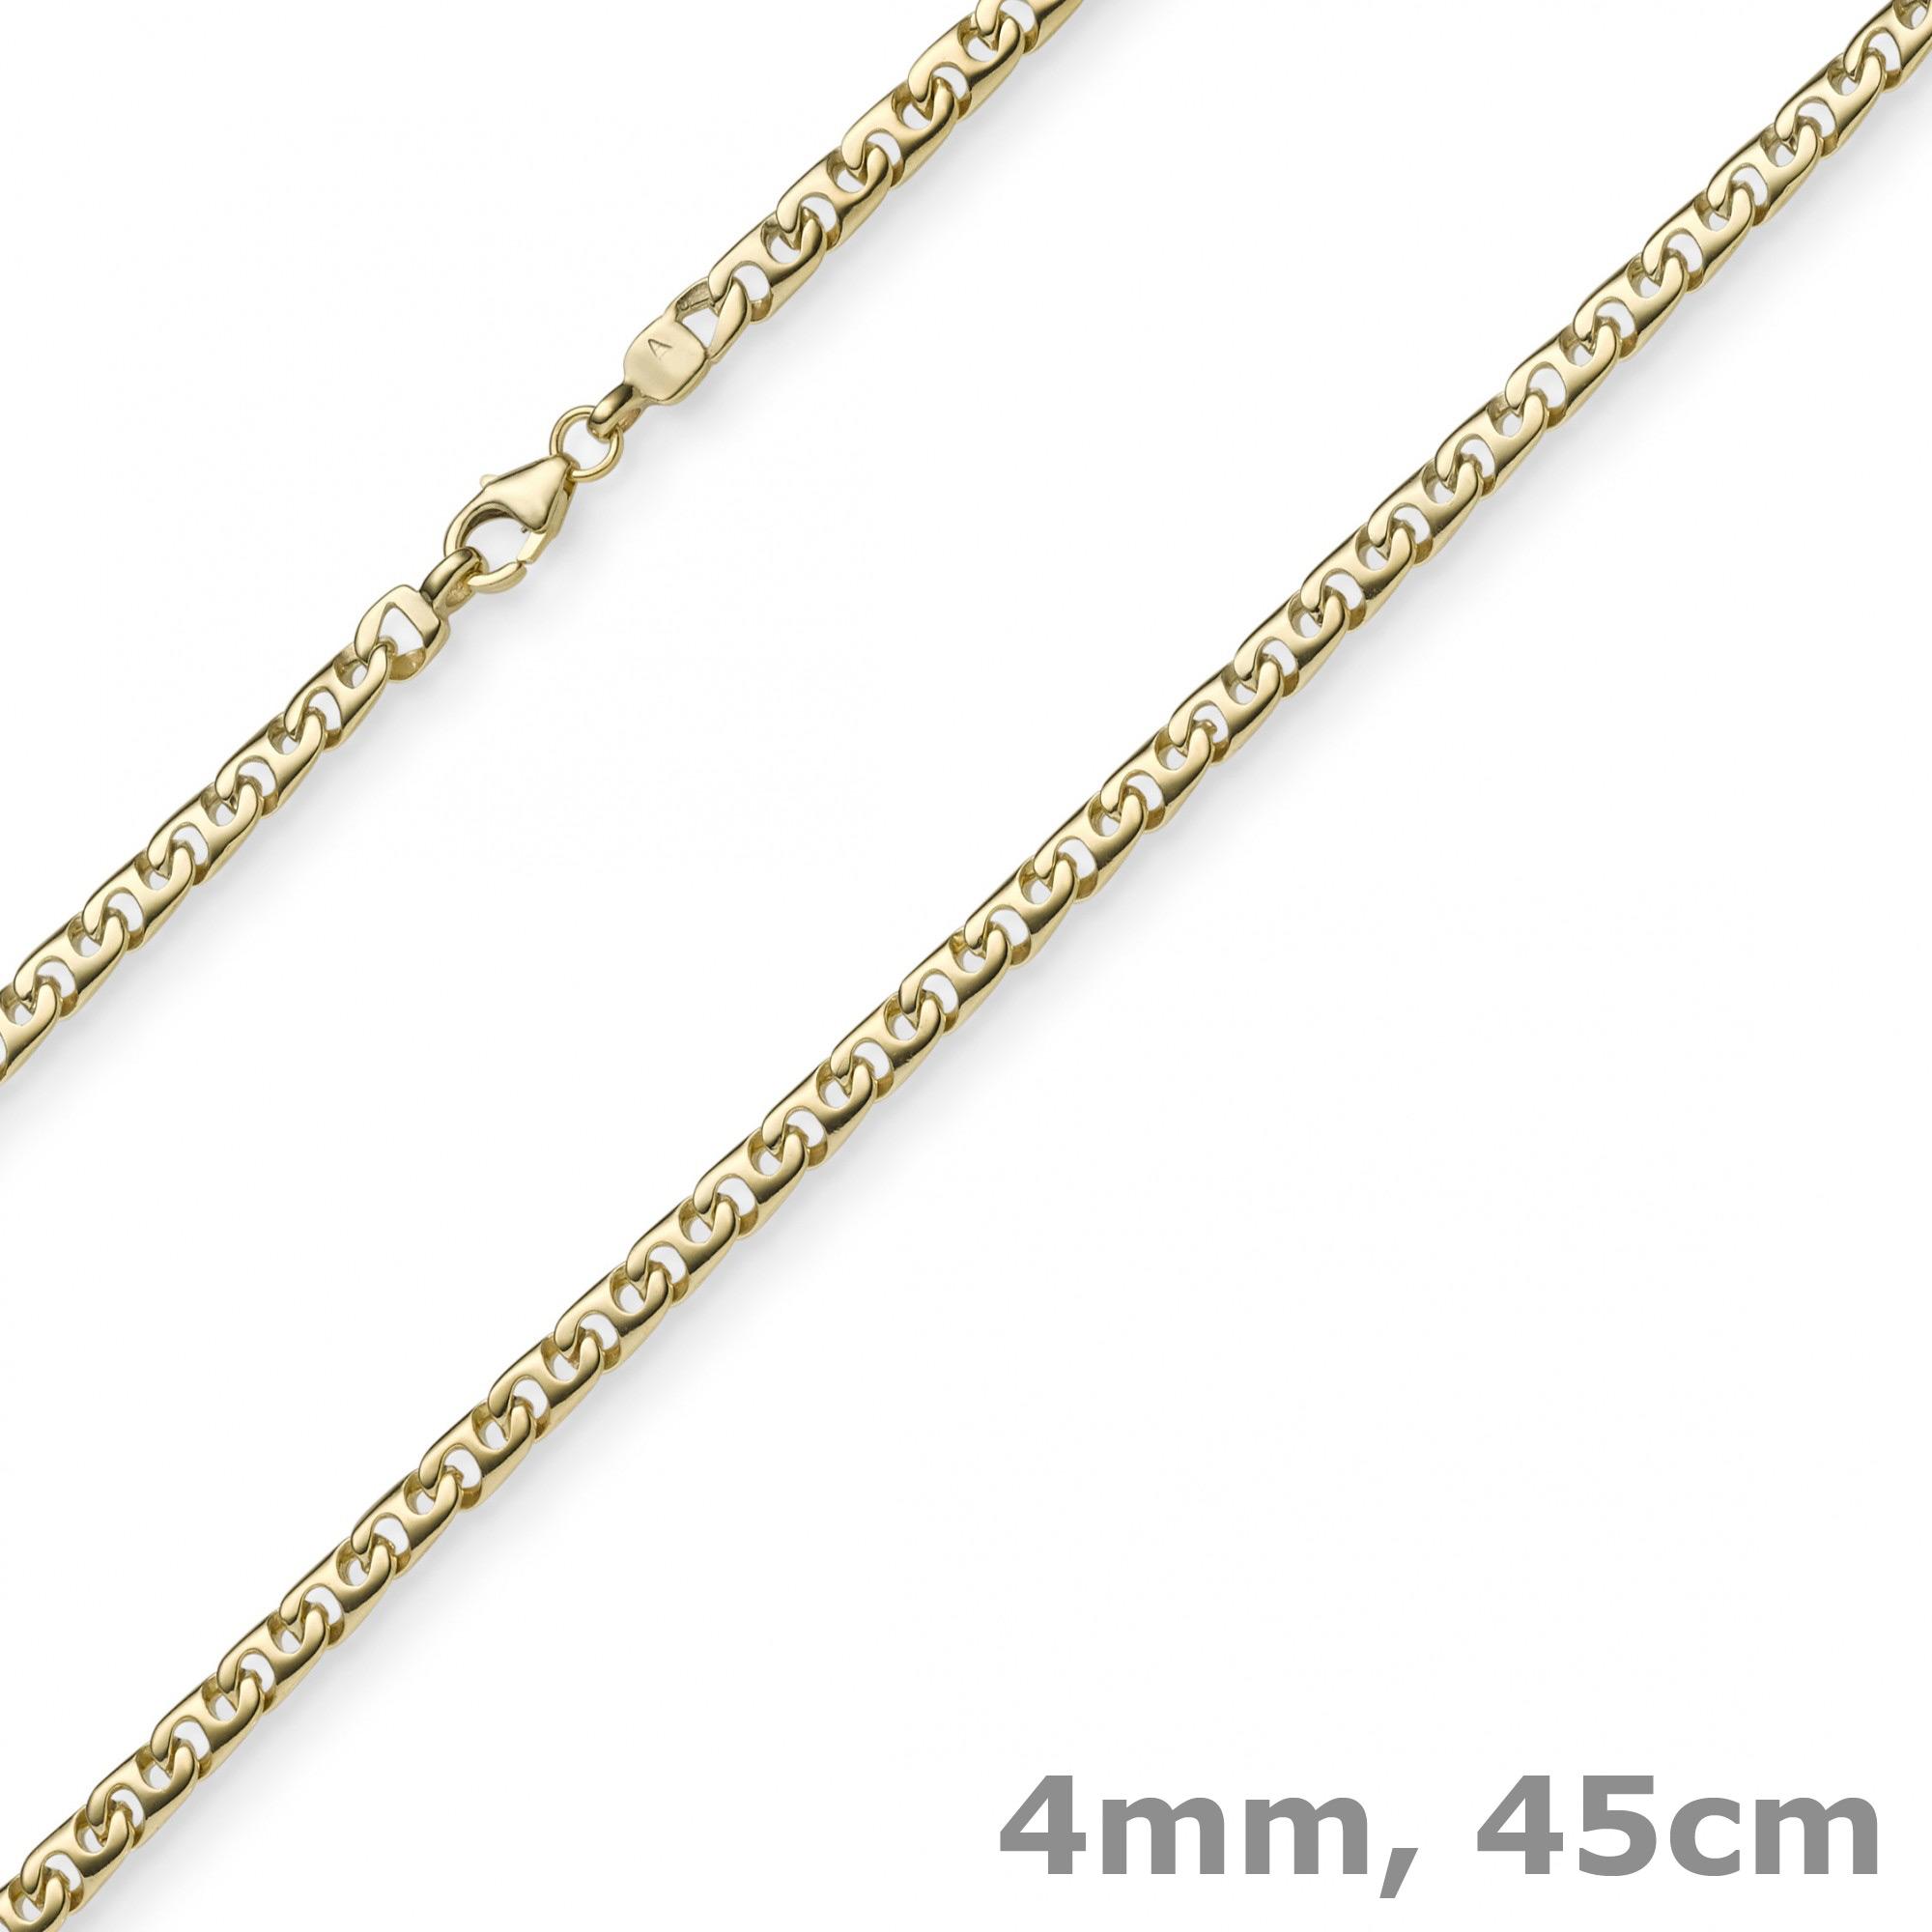 4mm phantasiekette kette collier halskette 585 gold gelbgold gl nzend 45cm. Black Bedroom Furniture Sets. Home Design Ideas